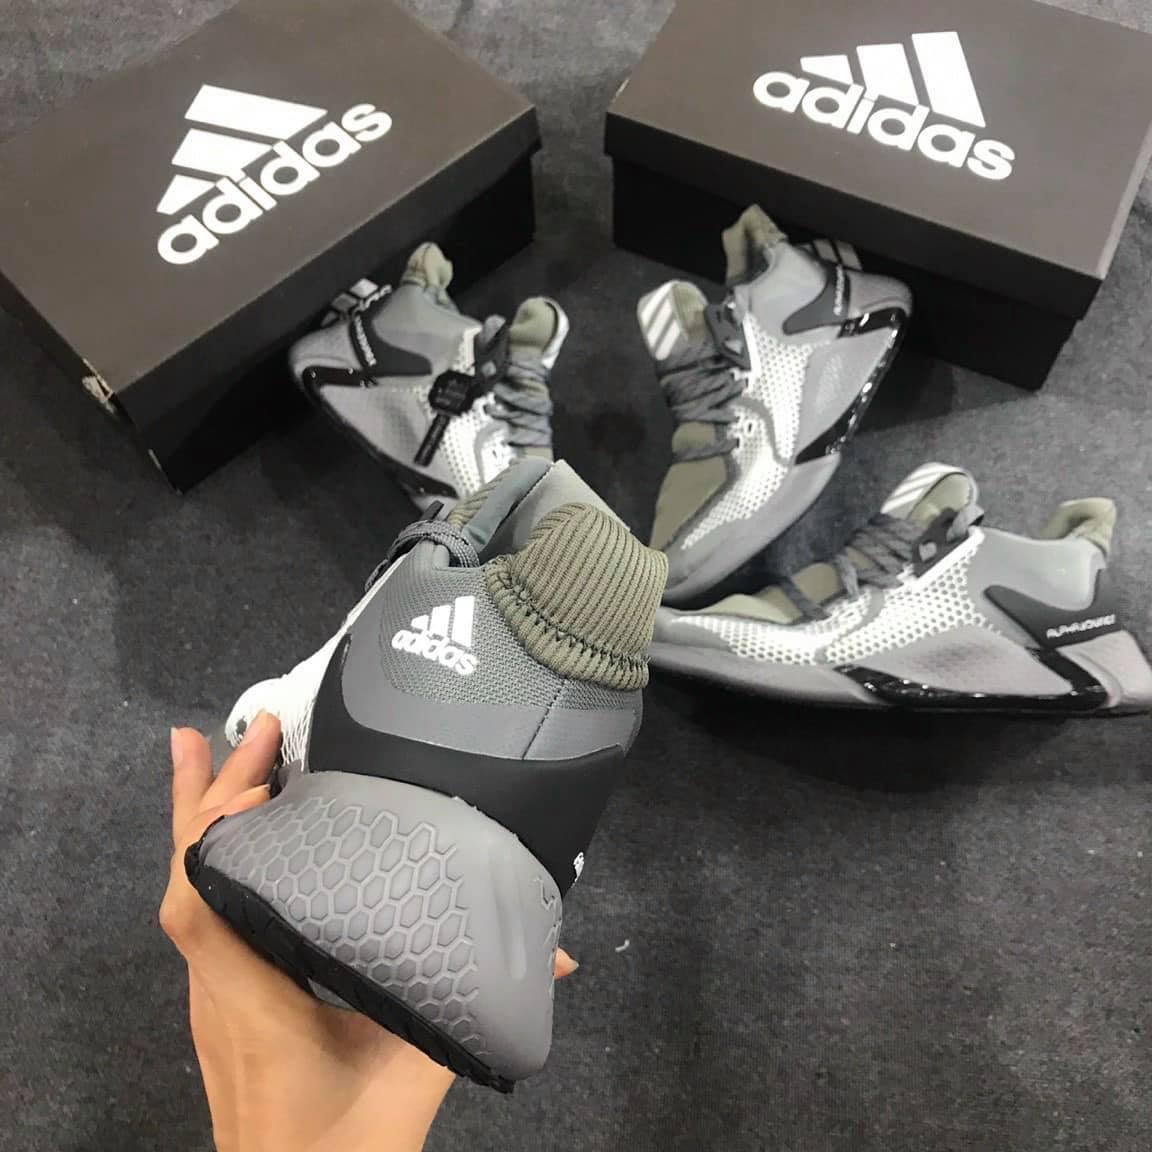 giay-adidas-alpha-bounce-ghi-xam-rep11